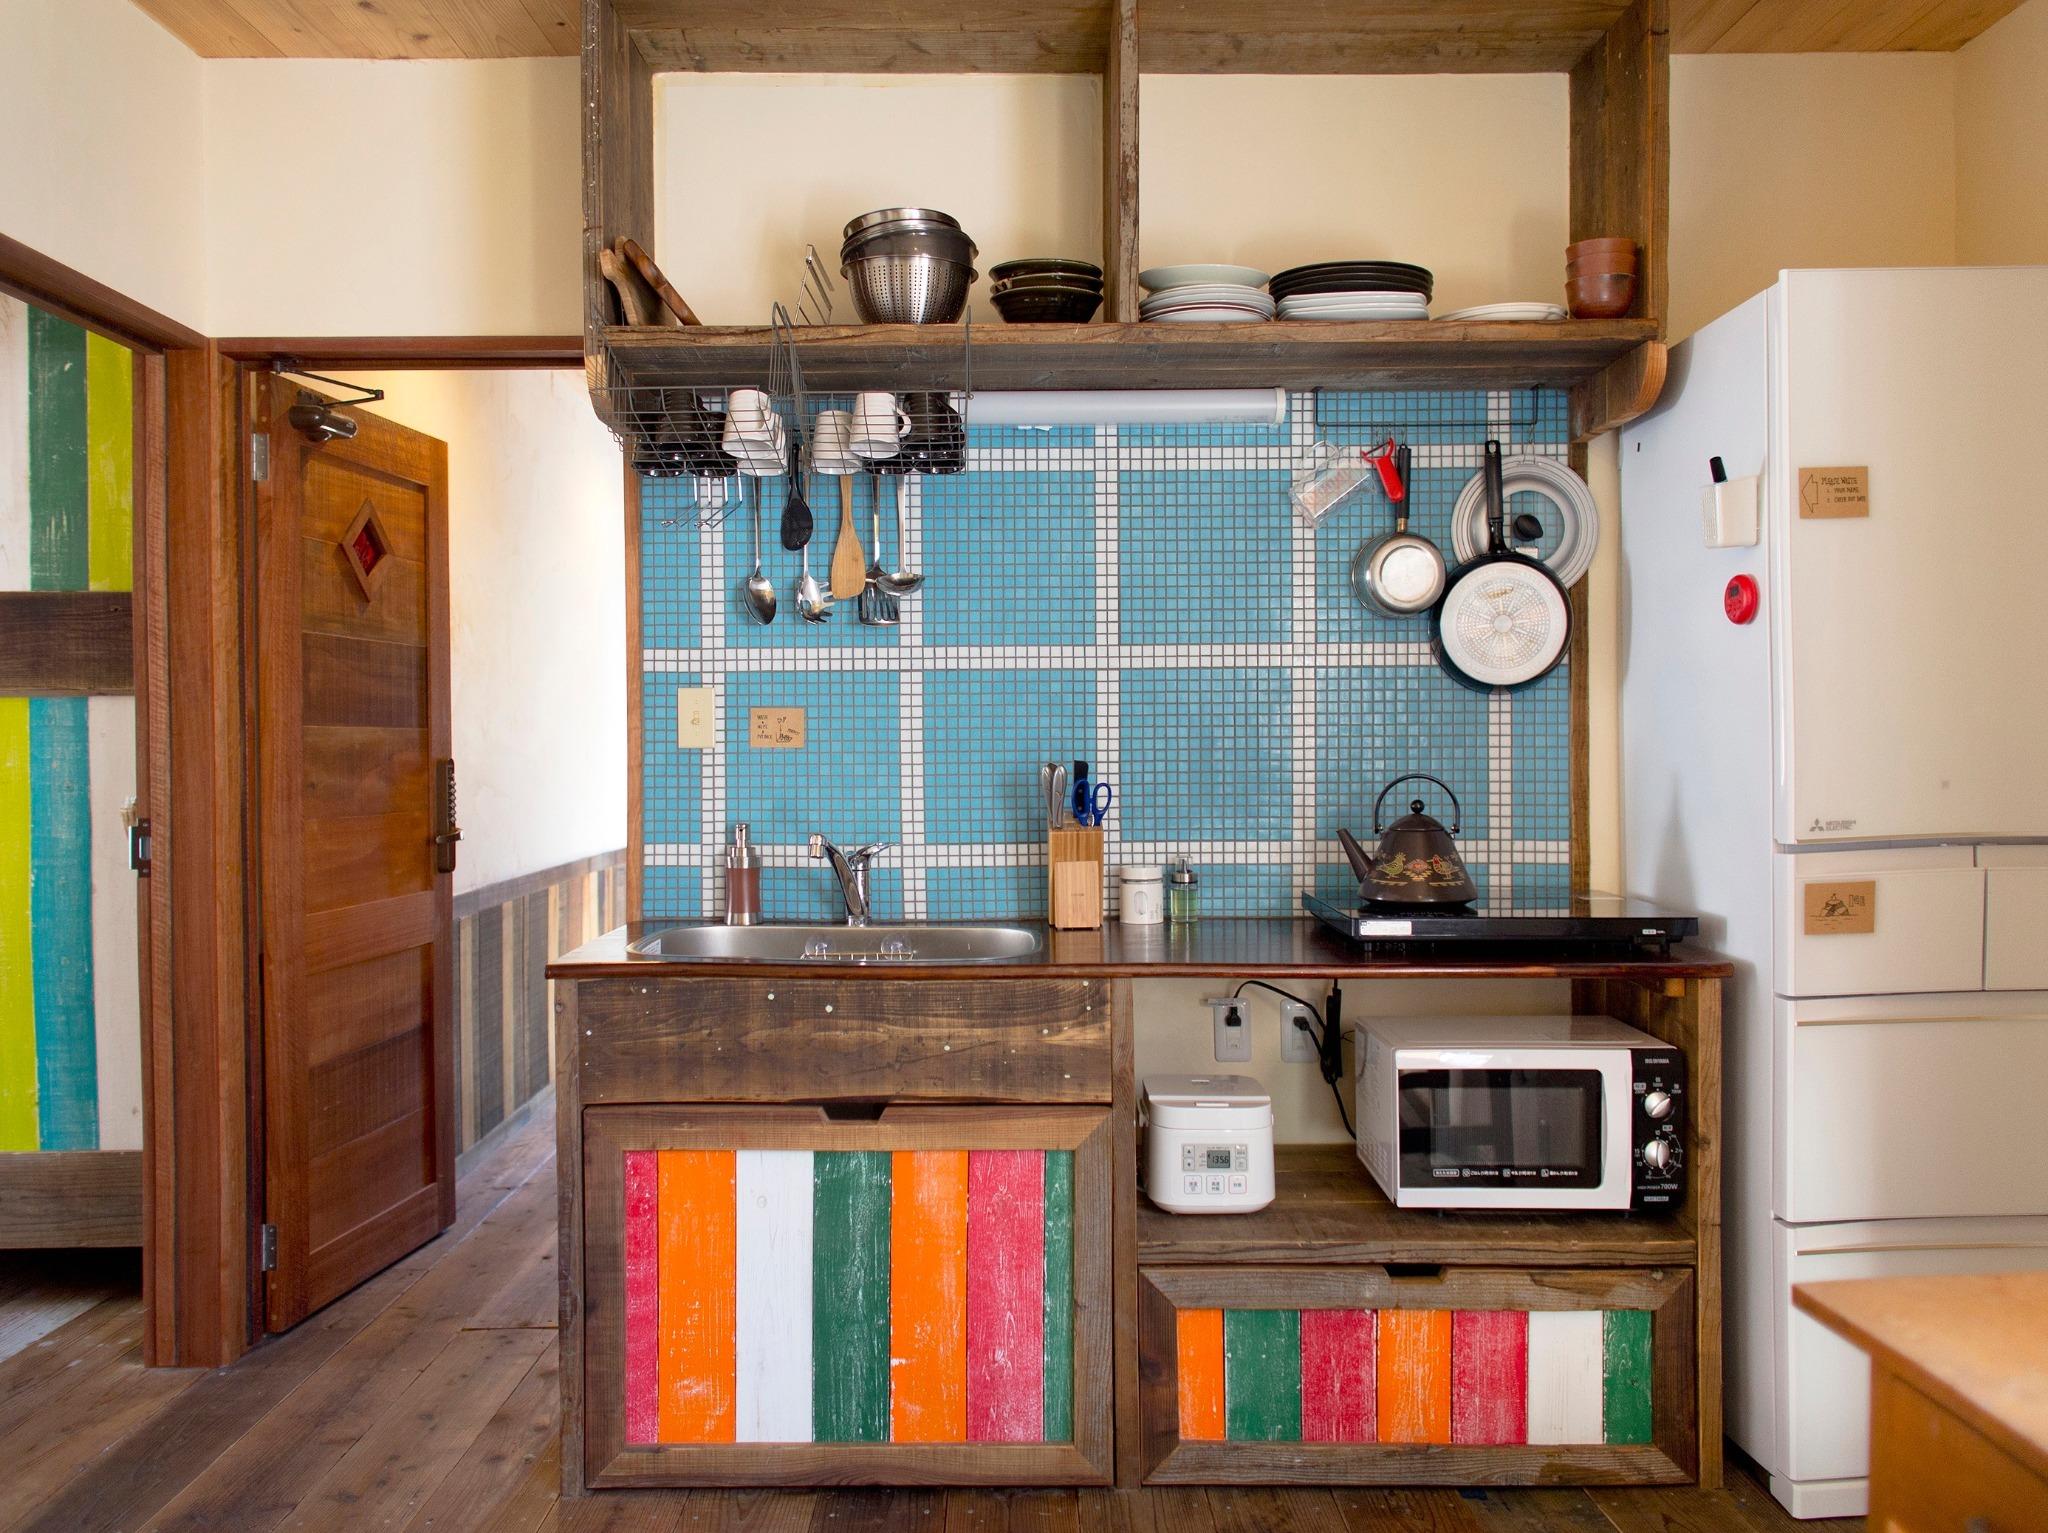 お部屋の隣は共同利用のキッチンがあります。冷蔵庫、トースター、レンジ、フリードリンクなど、24時間ご自由に使って頂けます。